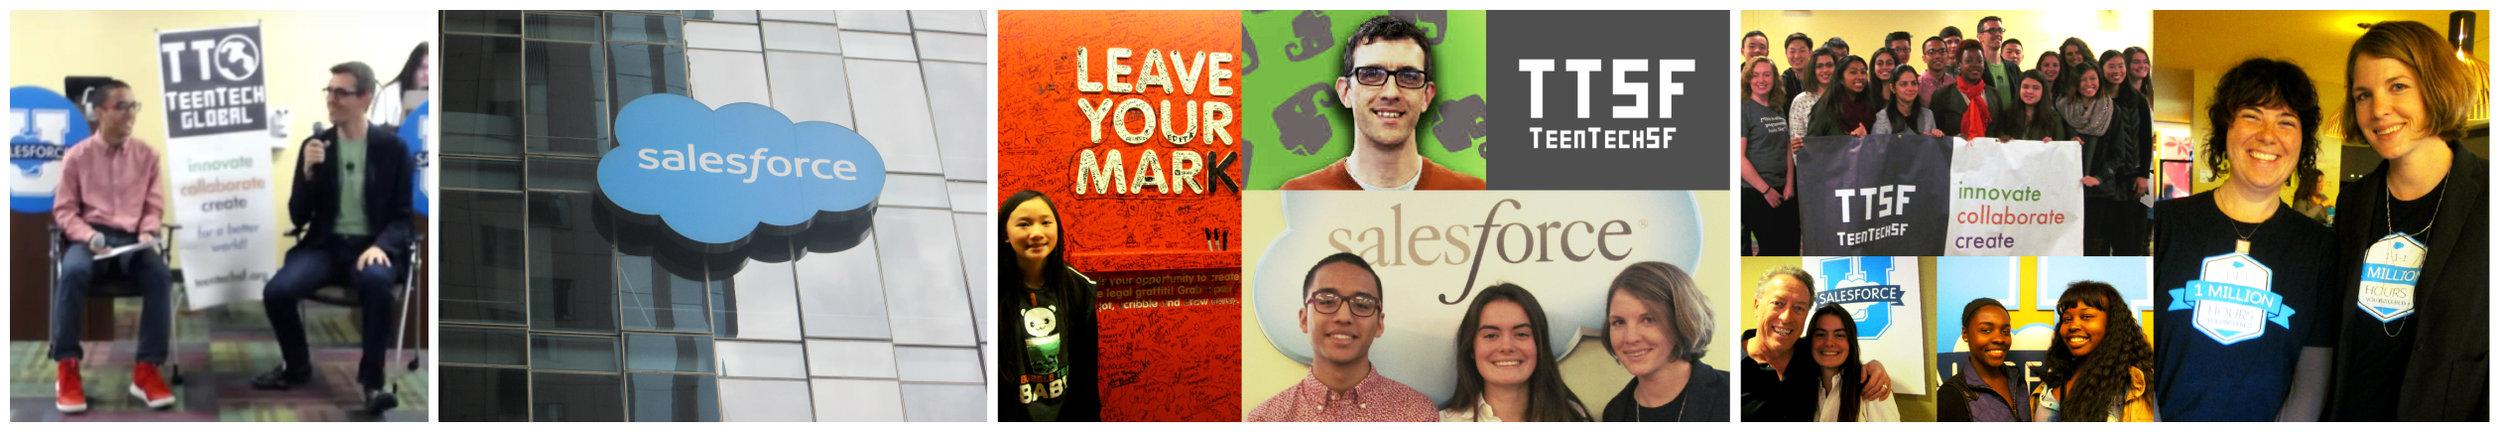 salesforce collage website.jpg